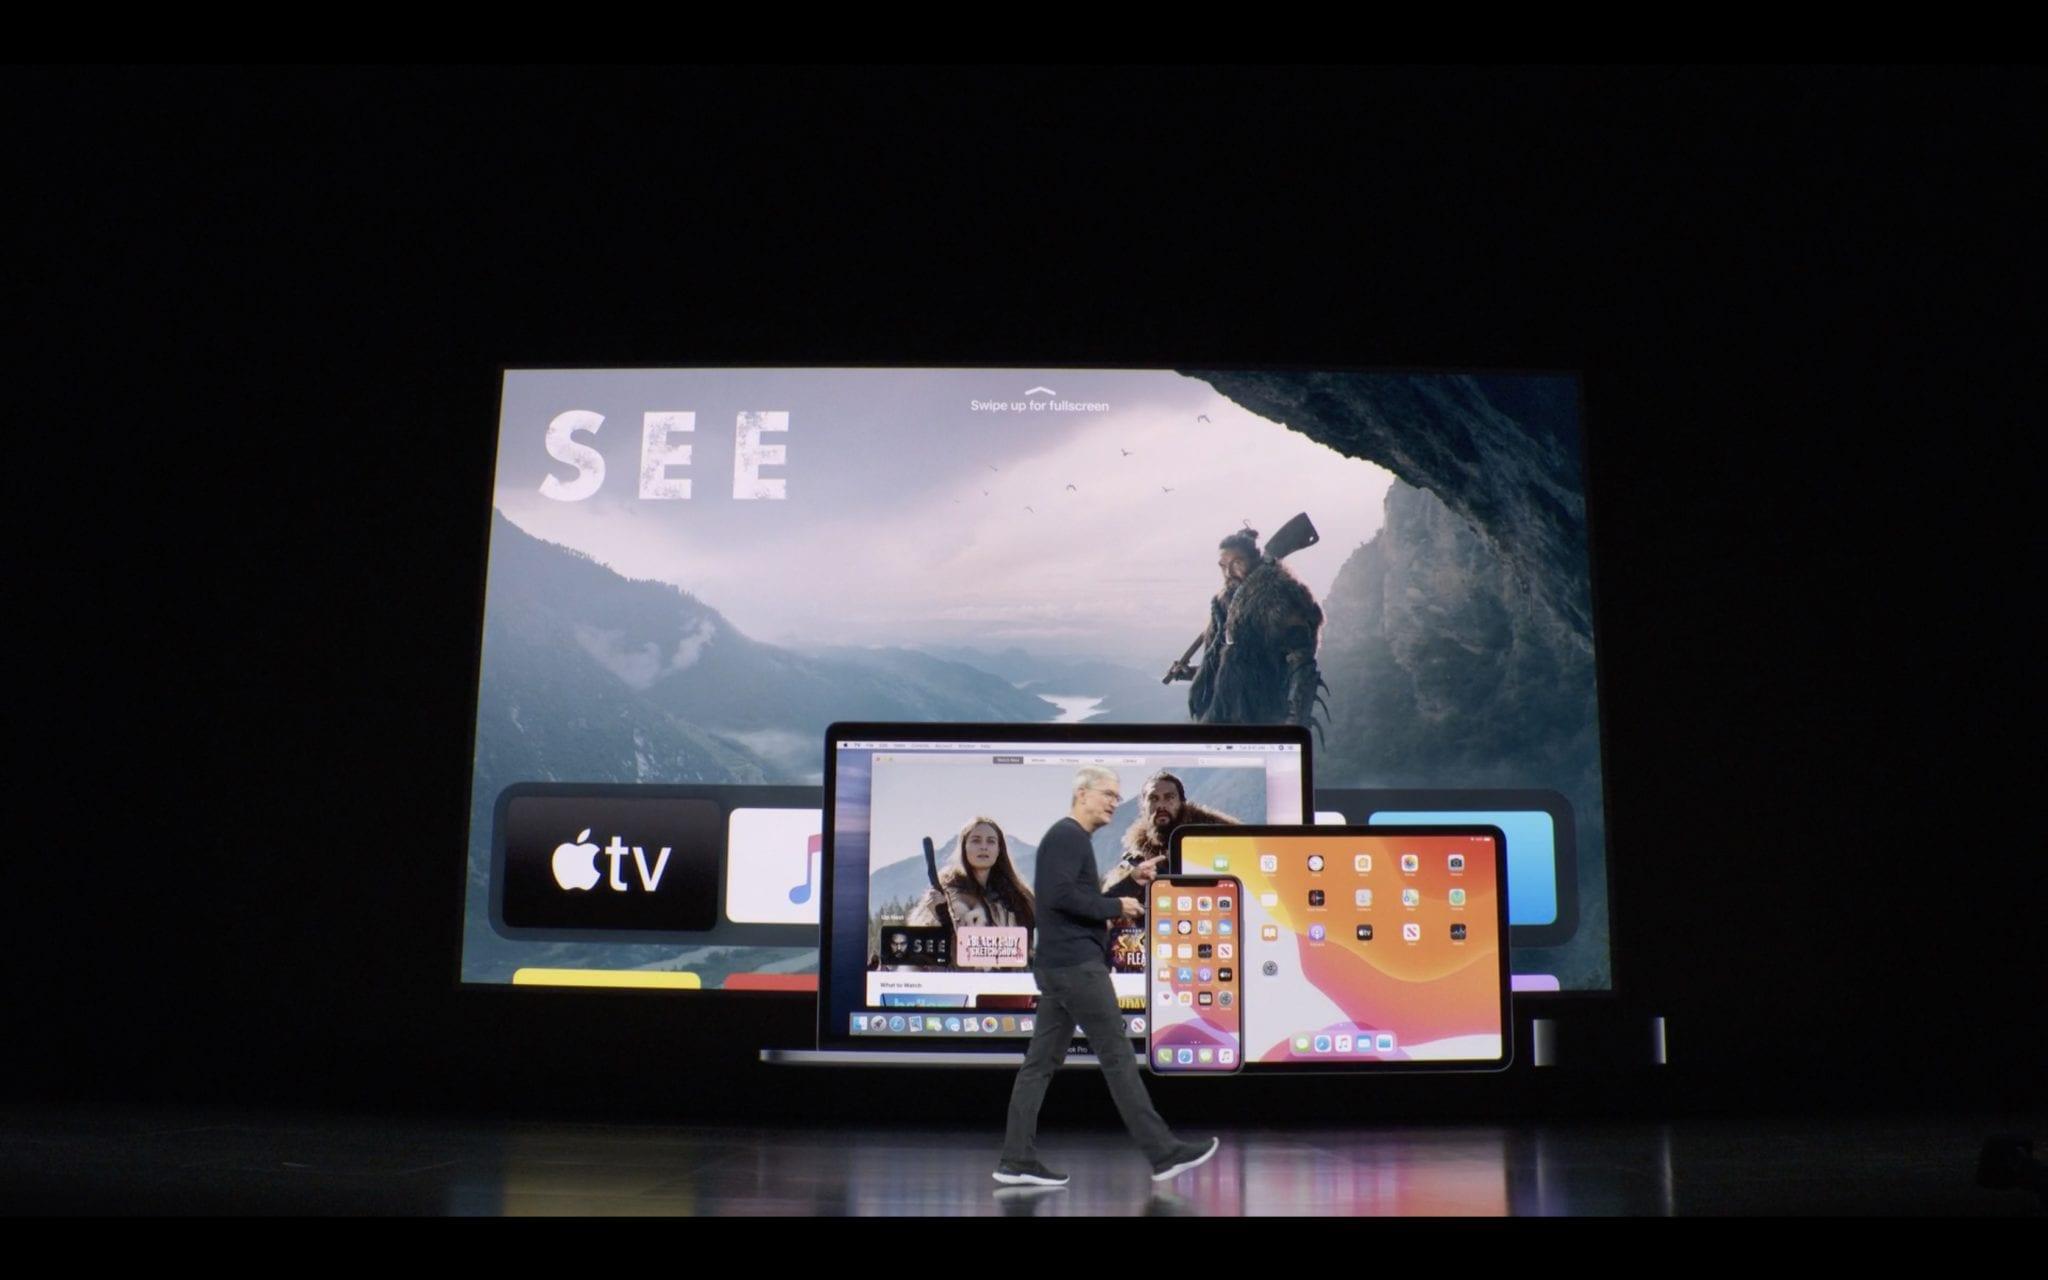 Screenshot 2019 09 10 at 19.20.30 1 - Apple TV+ bude stáť 5 dolárov mesačne, spustí sa v novembri